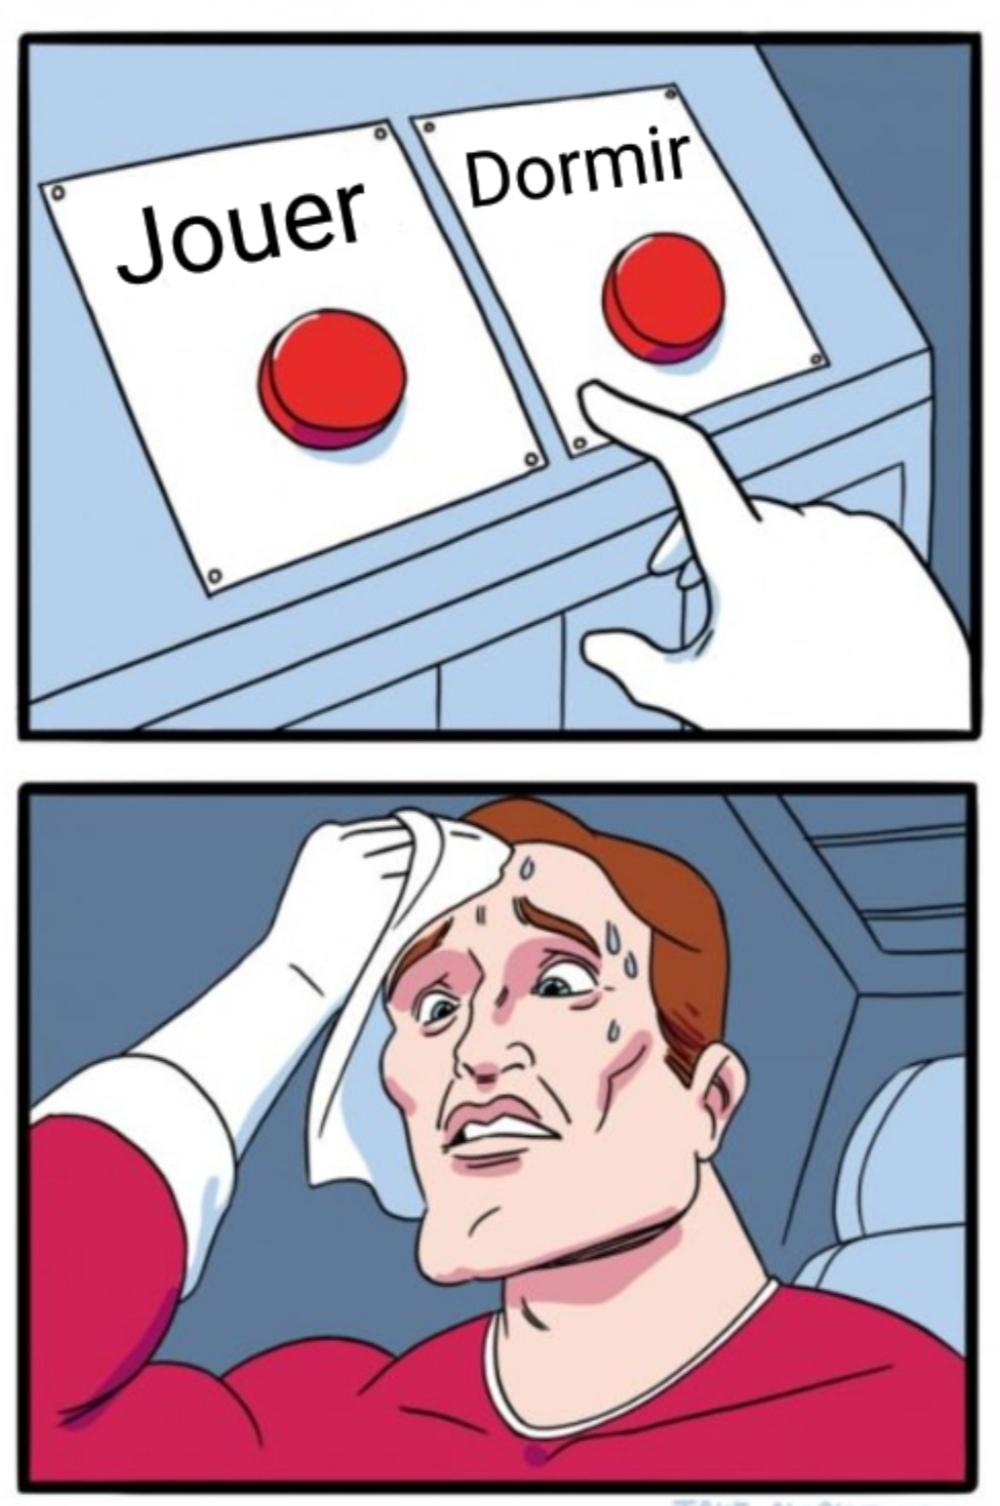 Un choix très difficile - meme